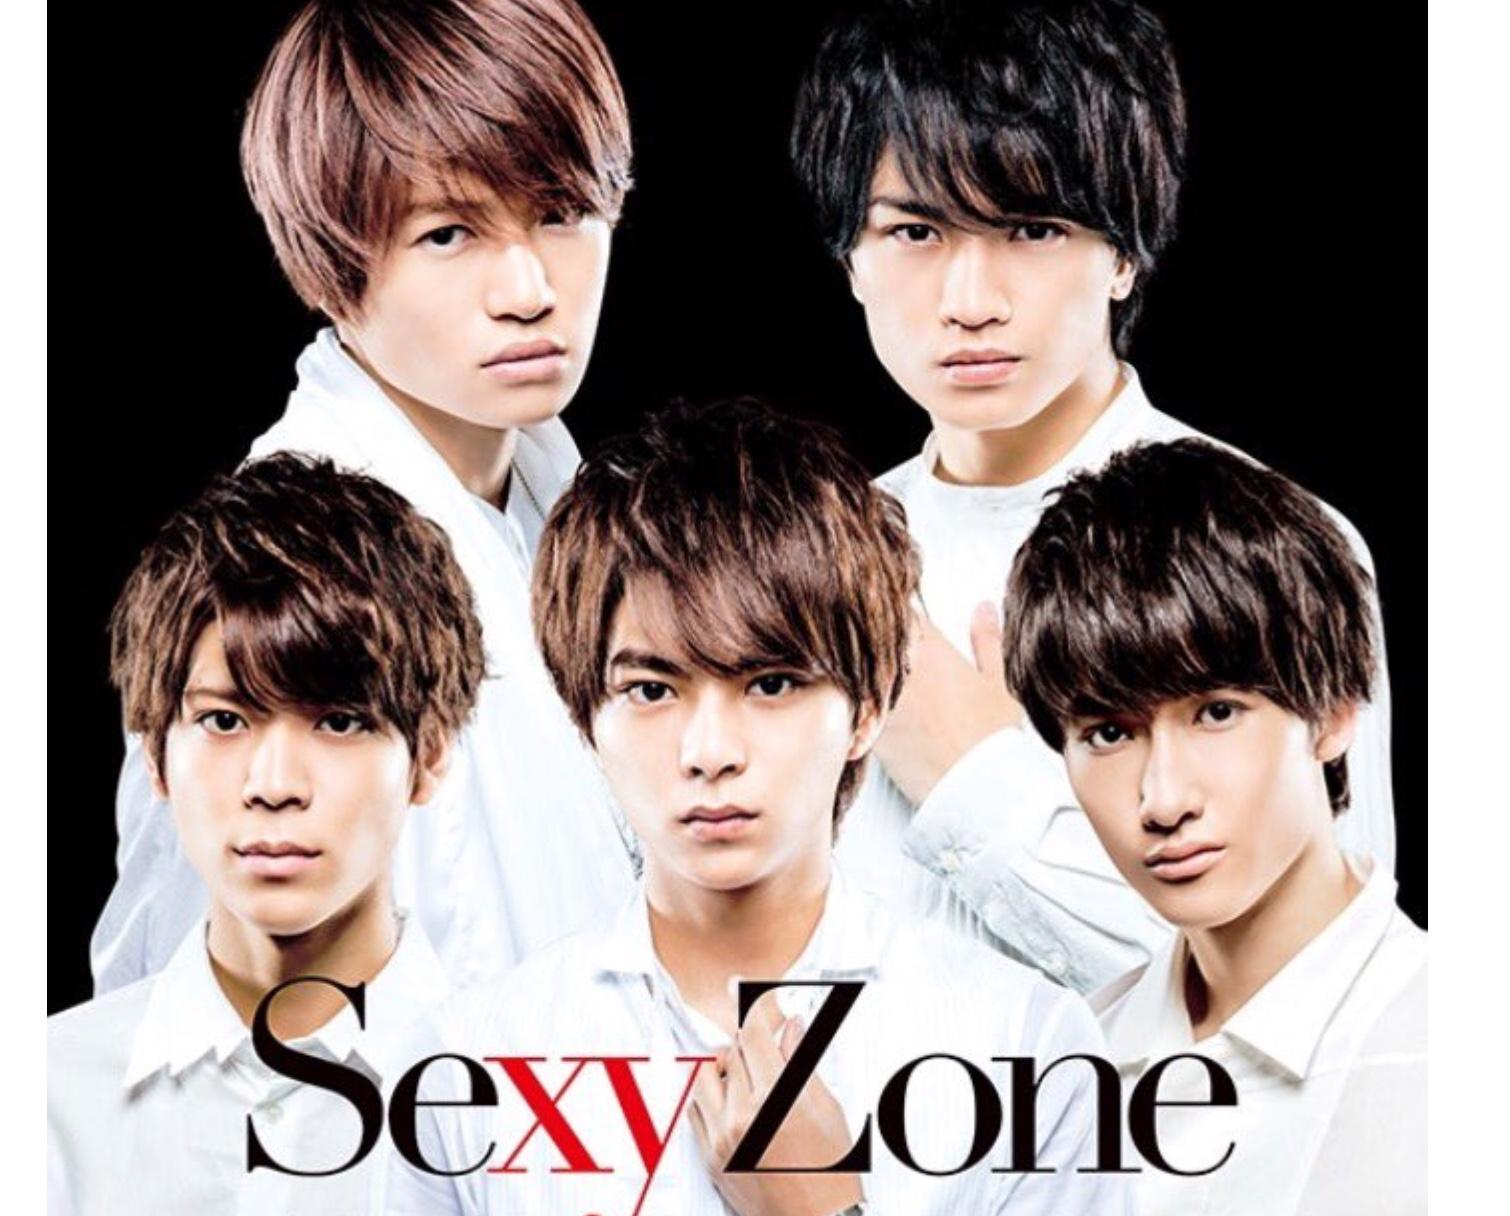 SexyZoneのメンバーカラーまとめ!色の由来と意味をチェックしてみた